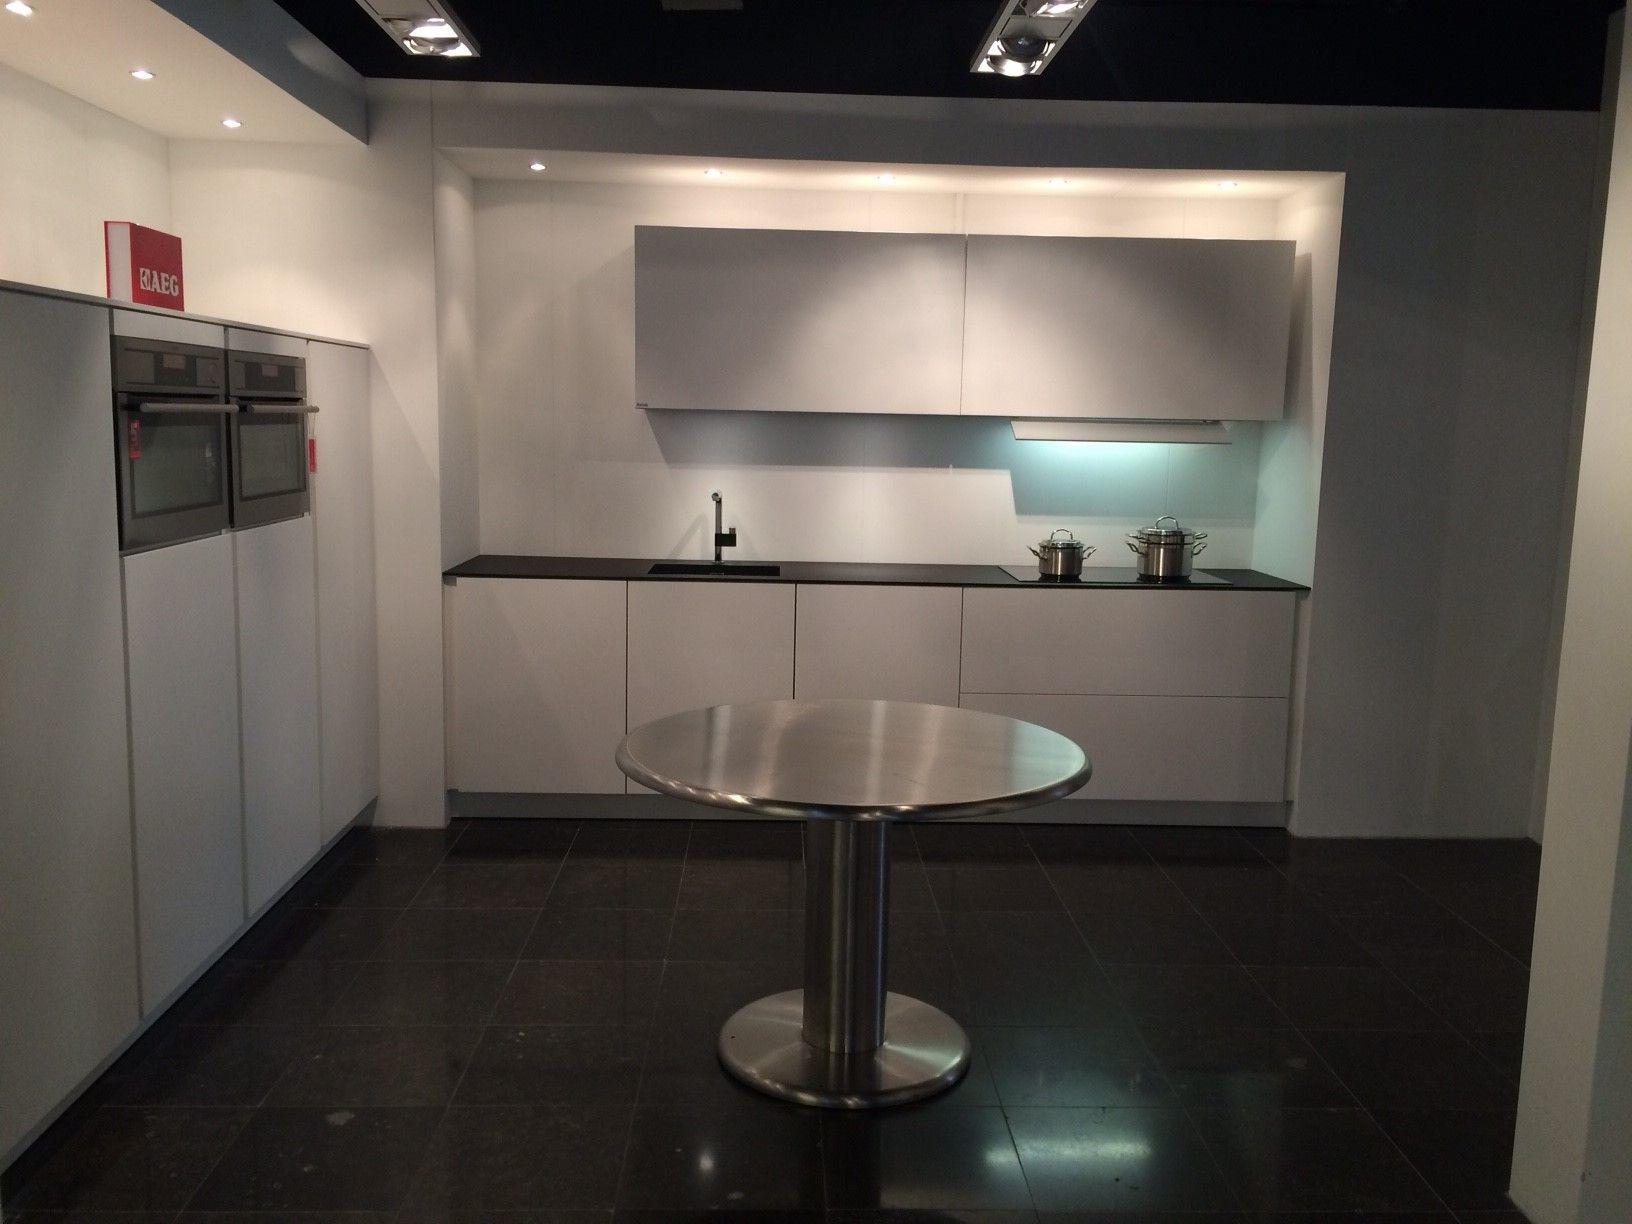 Siematic Keuken Renoveren : Altijd de beste keukenprijs! SieMatic Greeploos Design S3 [39385